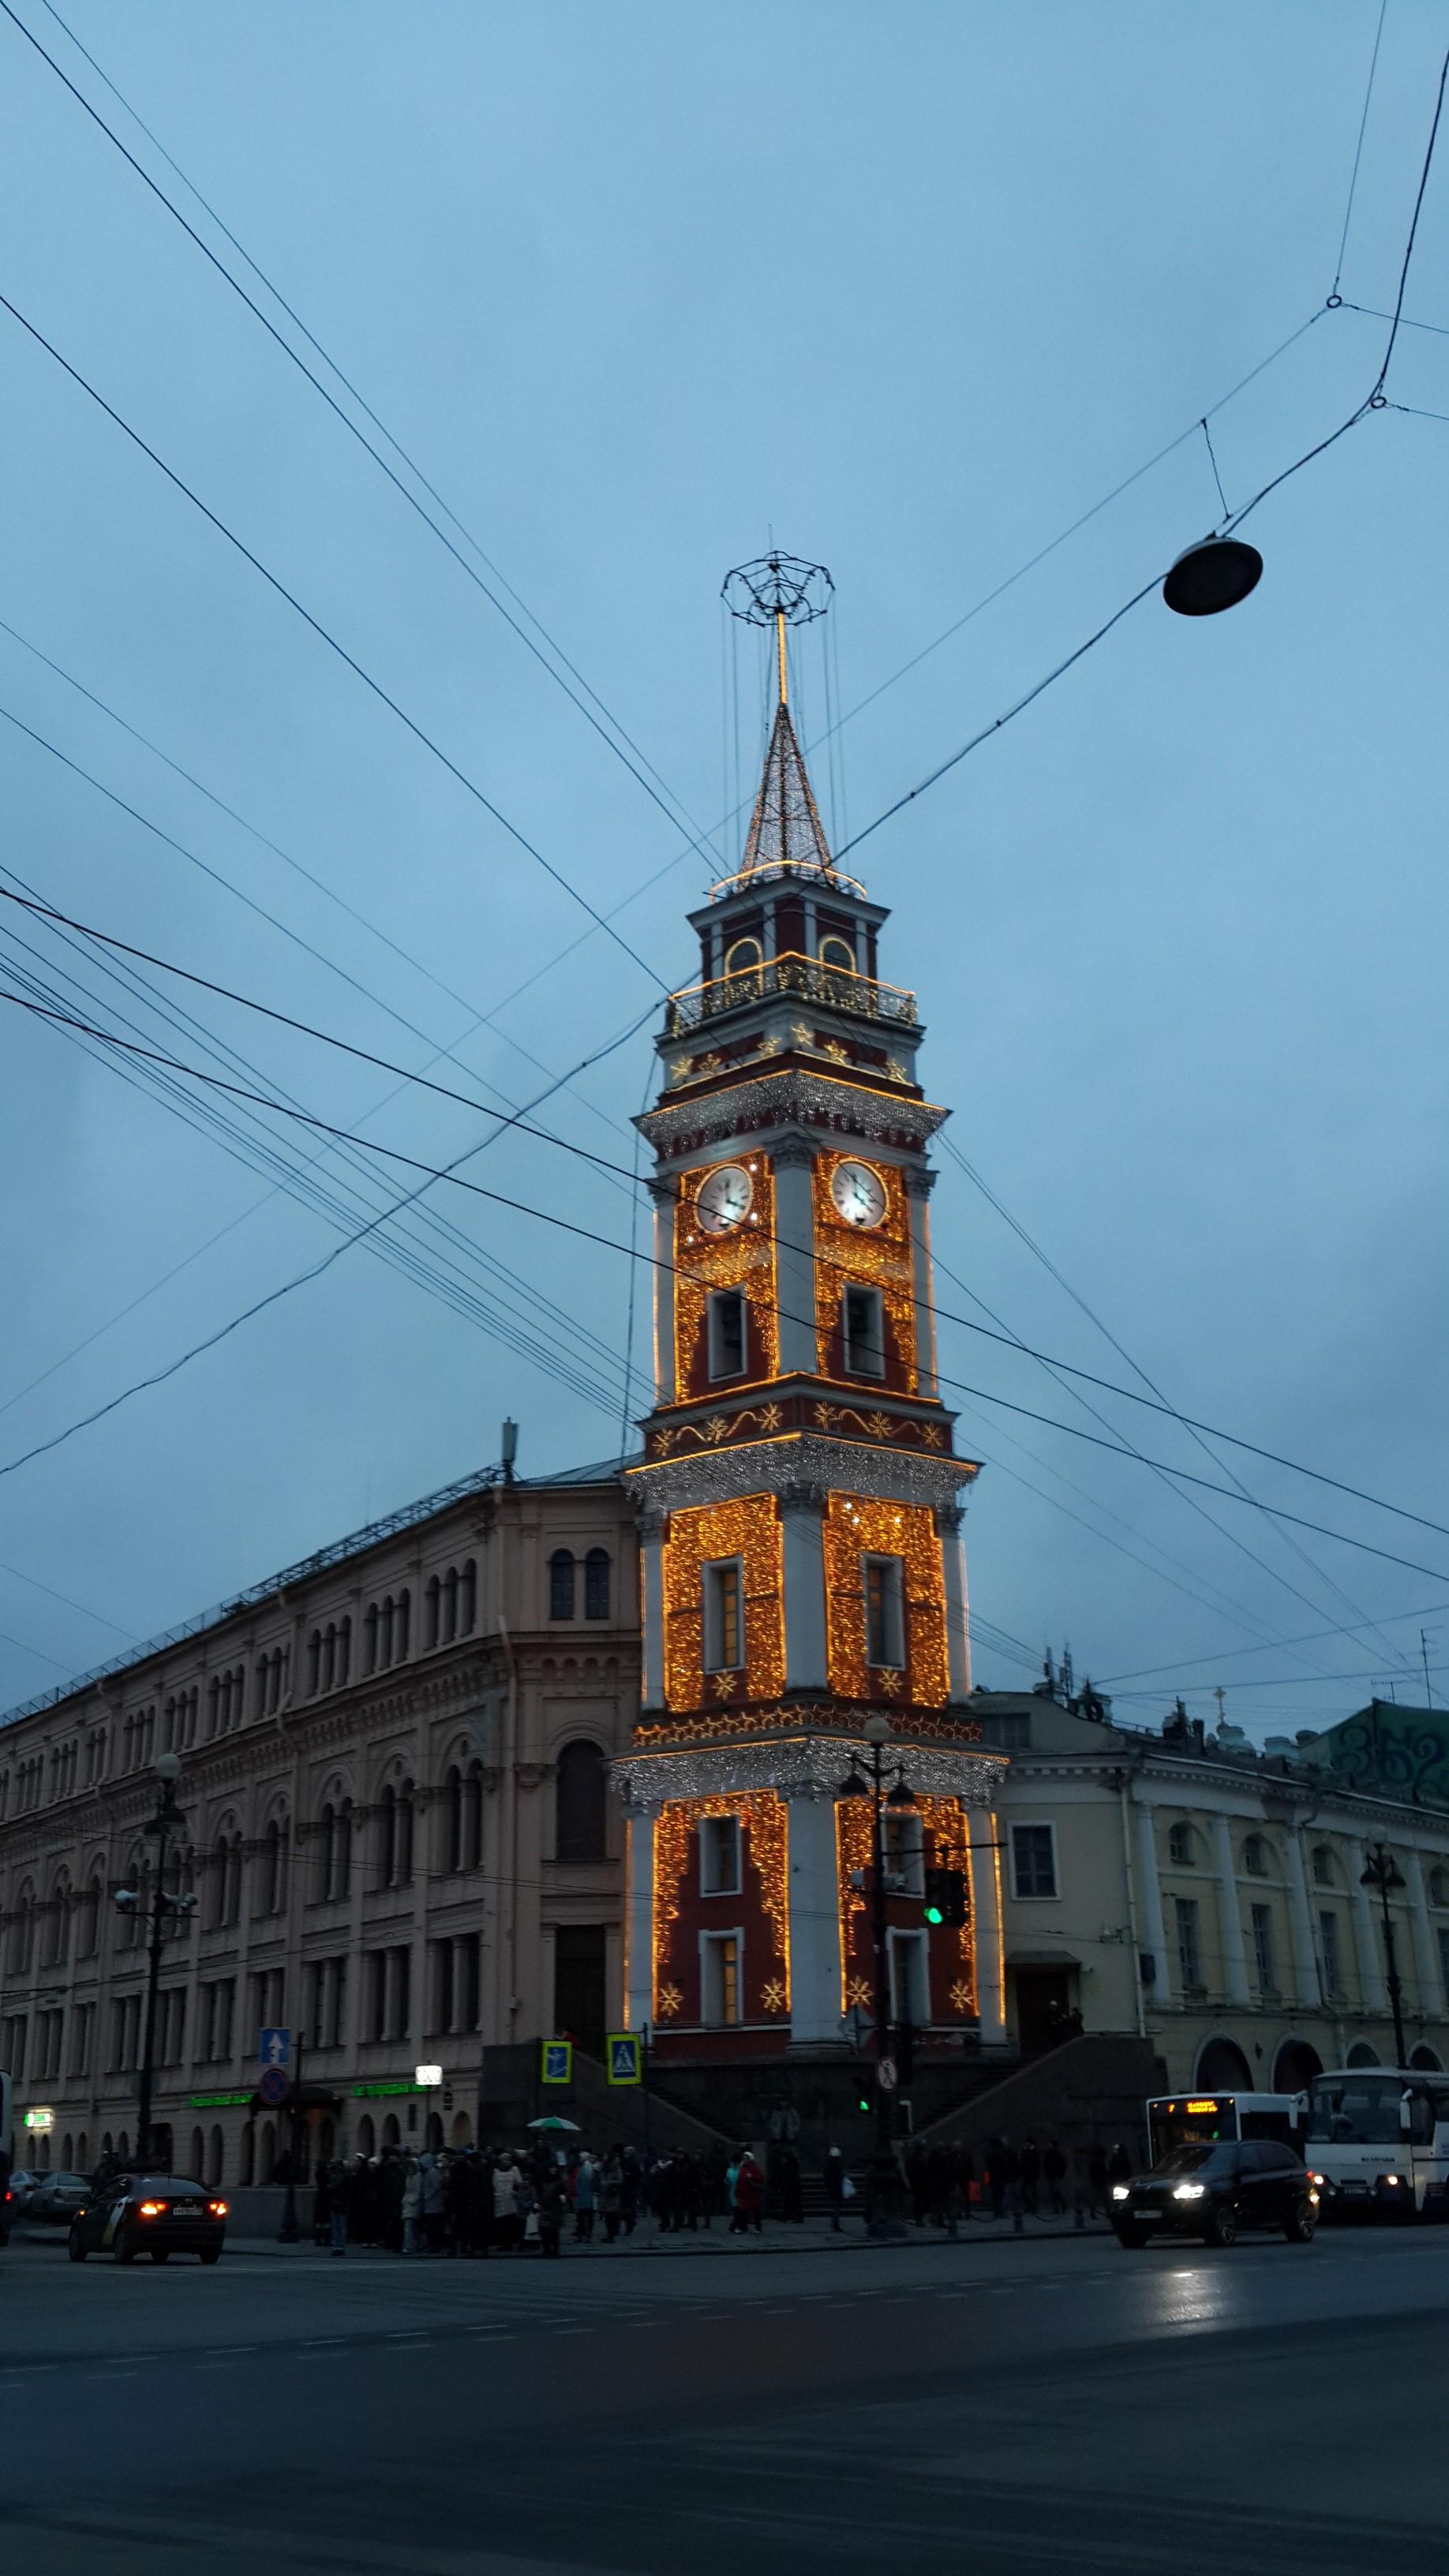 Питер, Башня городской думы, январь 2018